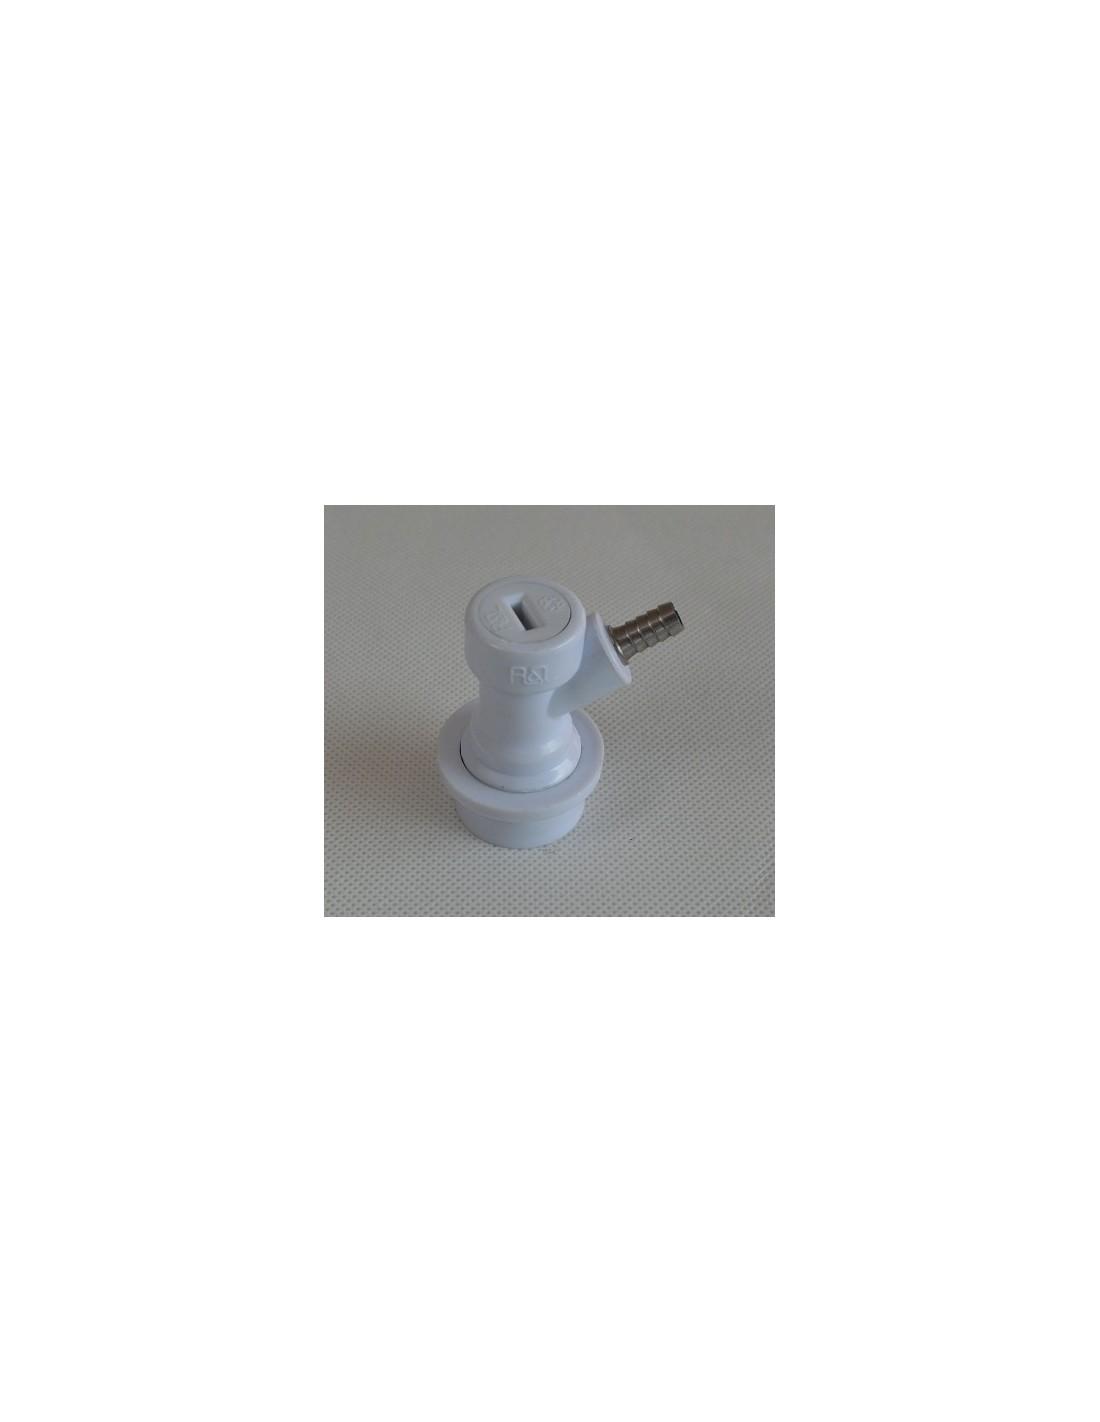 UPP00059 - Kulkoppling corneliusfat med nippel för gas